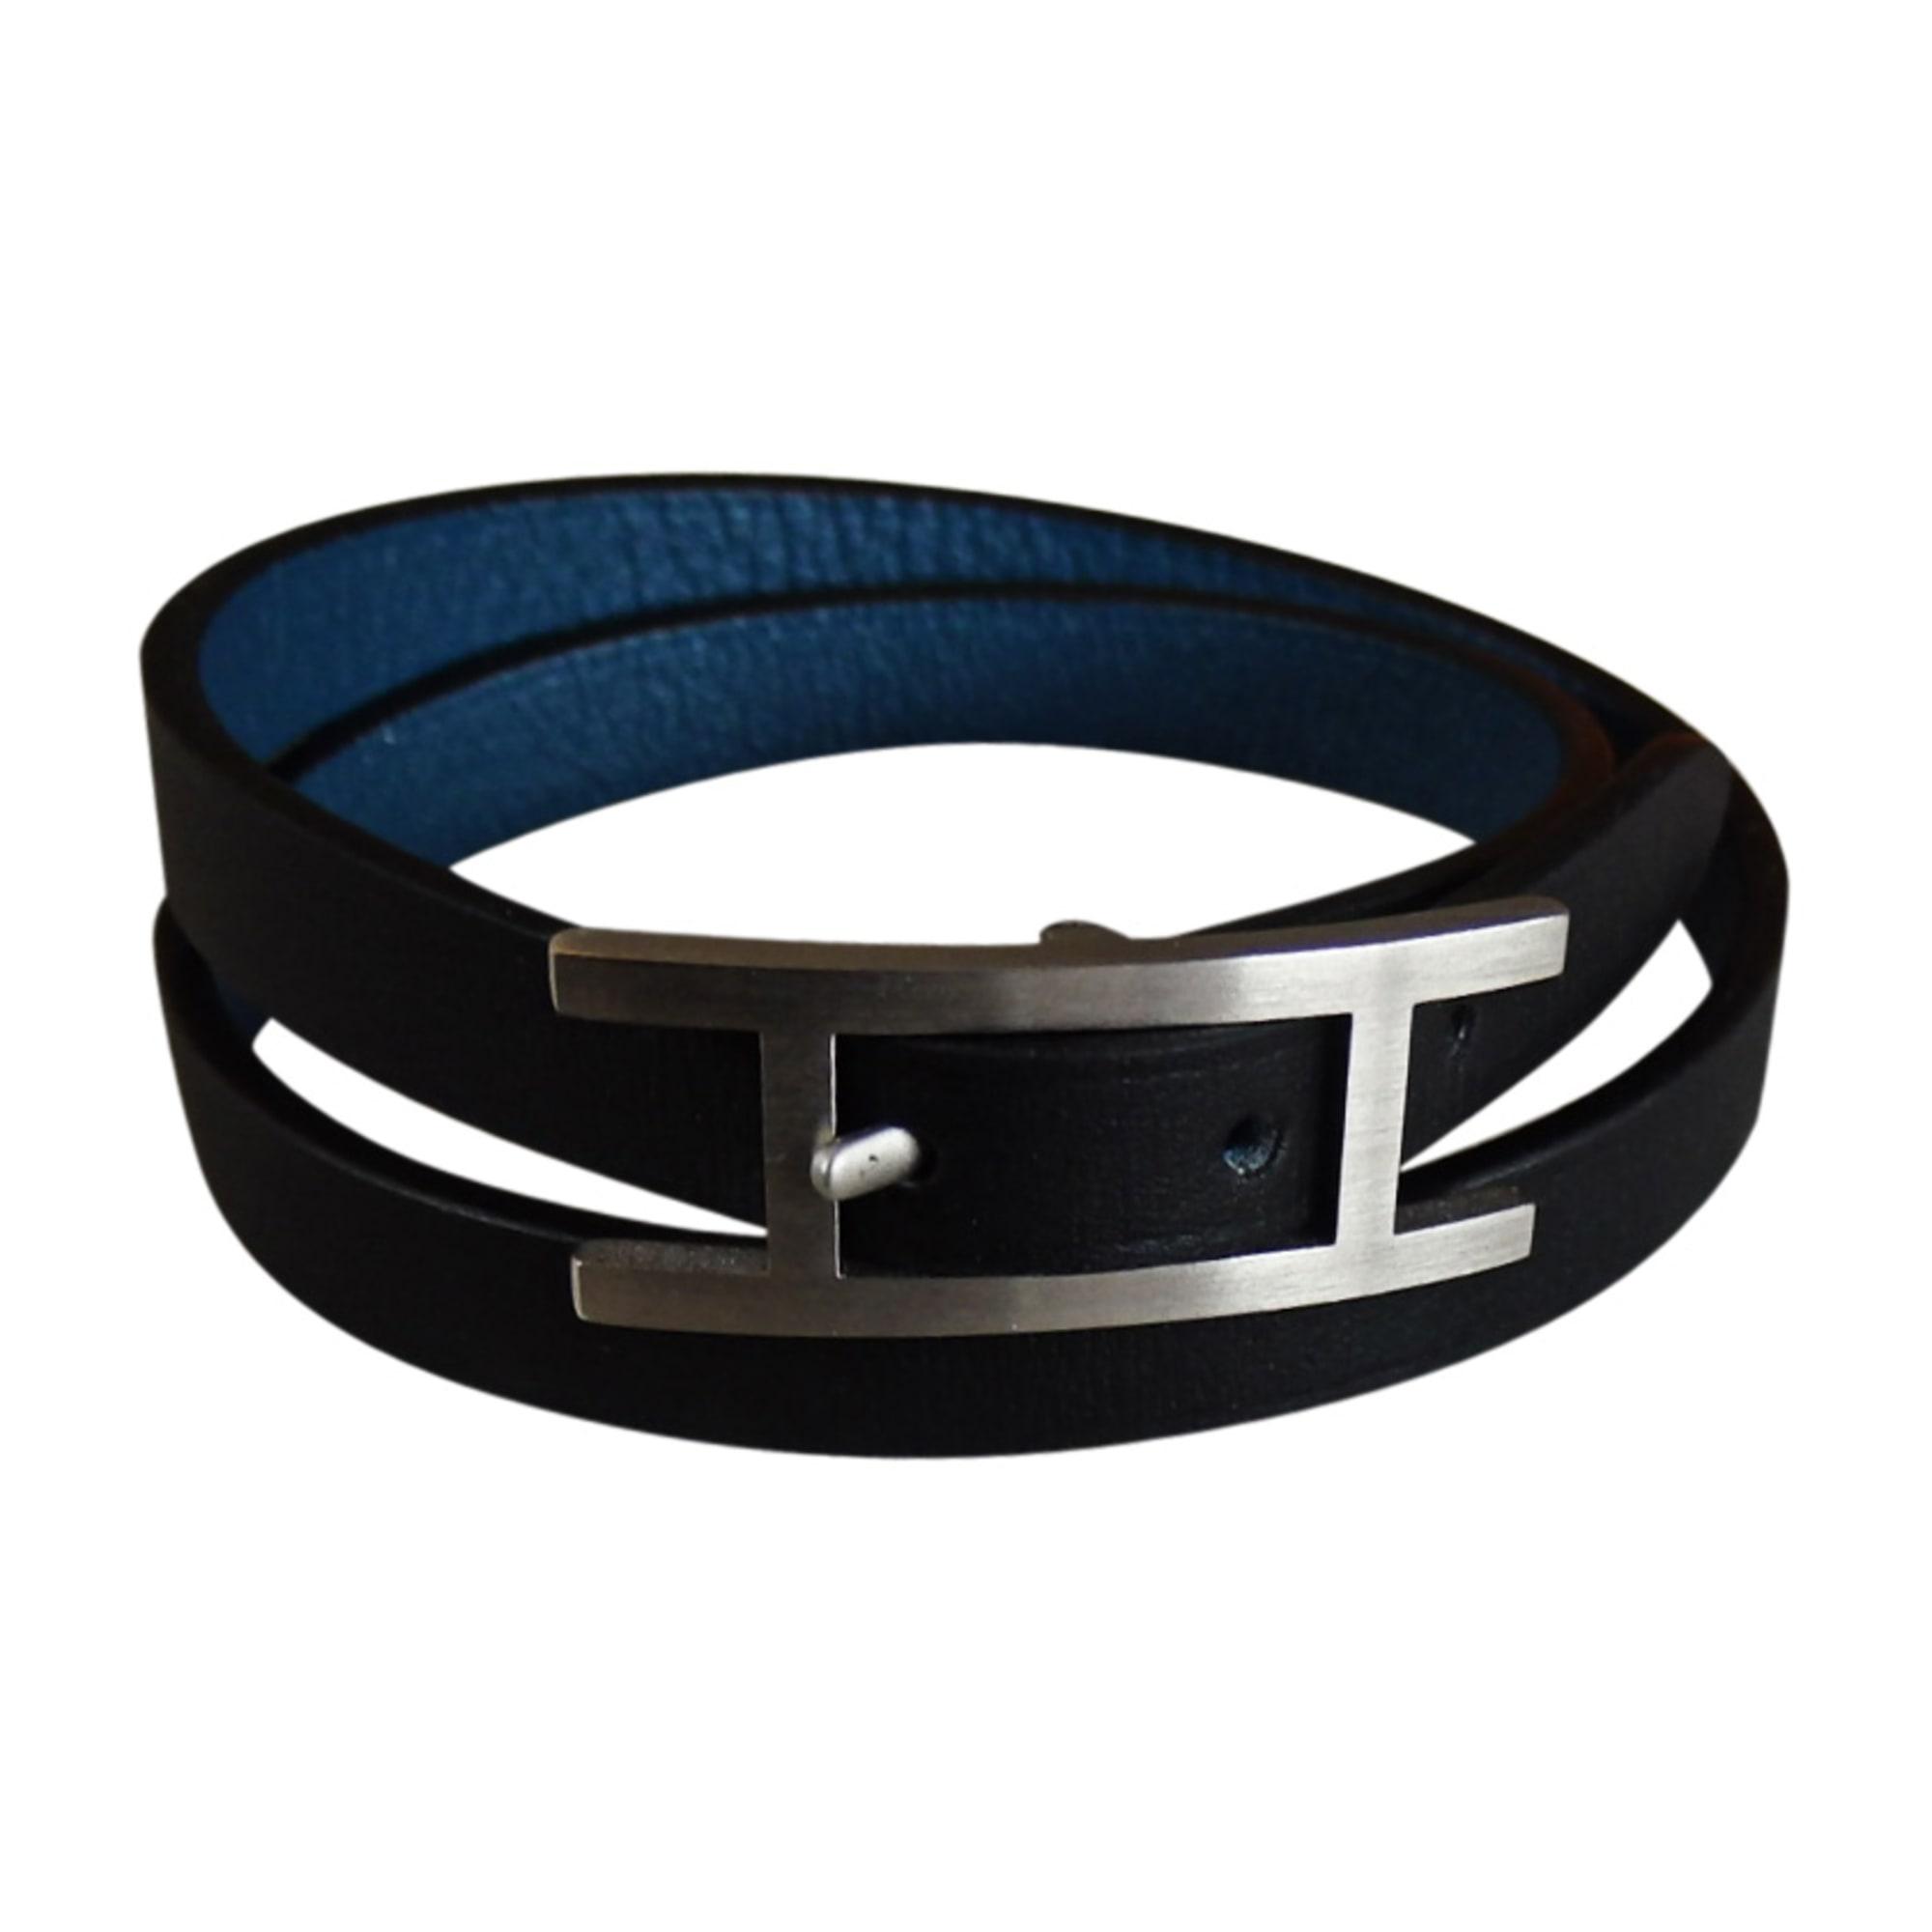 Bracelet HERMÈS hapi noir vendu par F 24060 - 7549414 c2ae826b29e